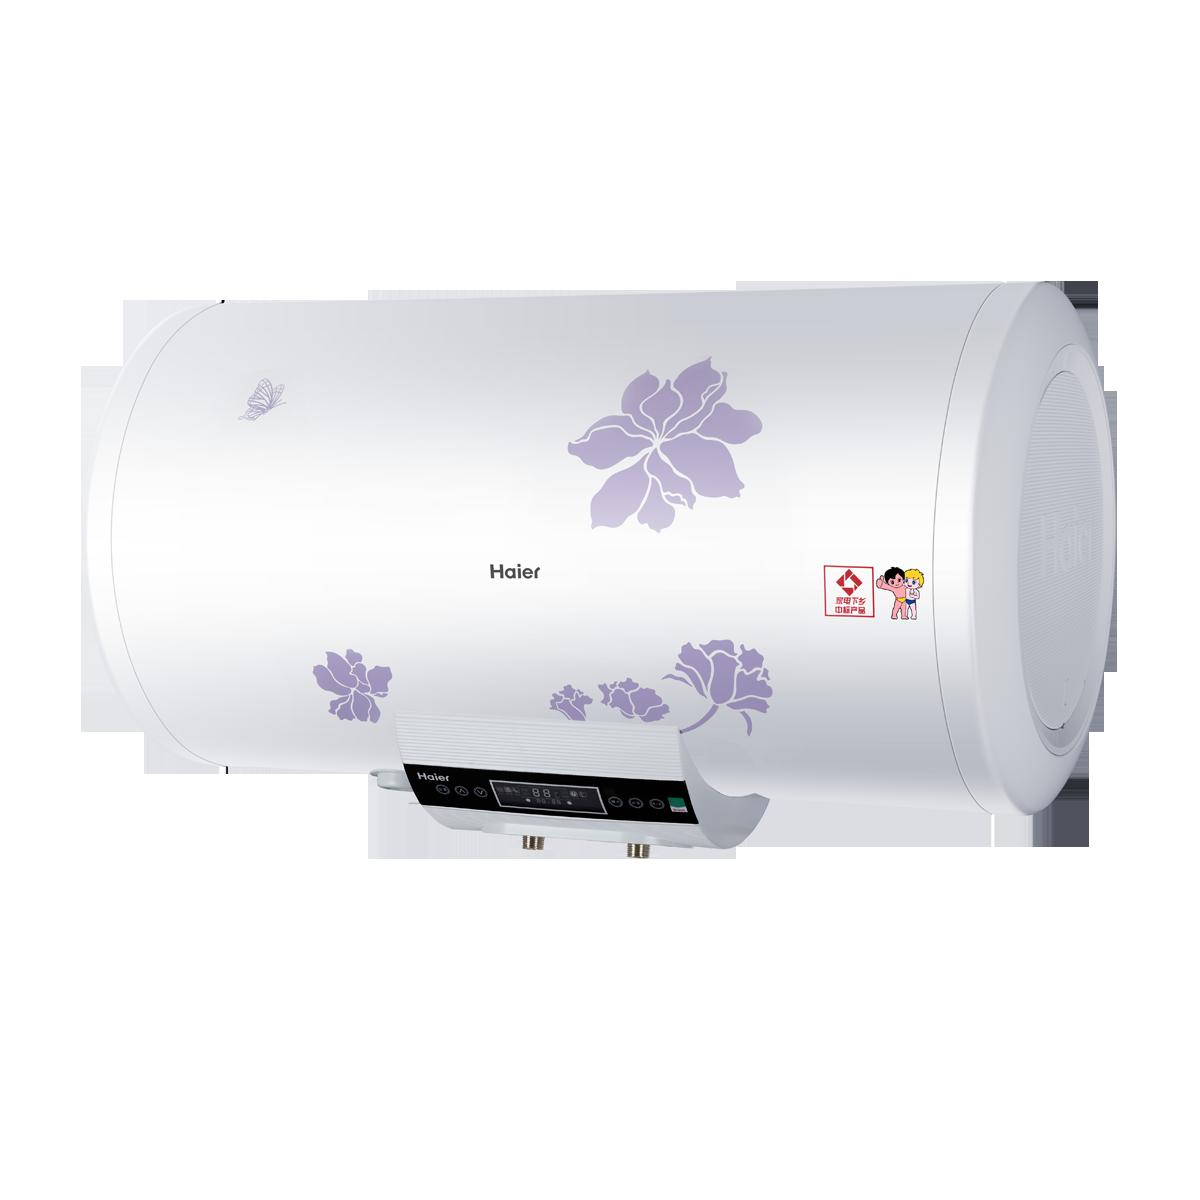 海尔热水器最高温度_海尔热水器怎么用海尔热水器使用说明-装修保障网